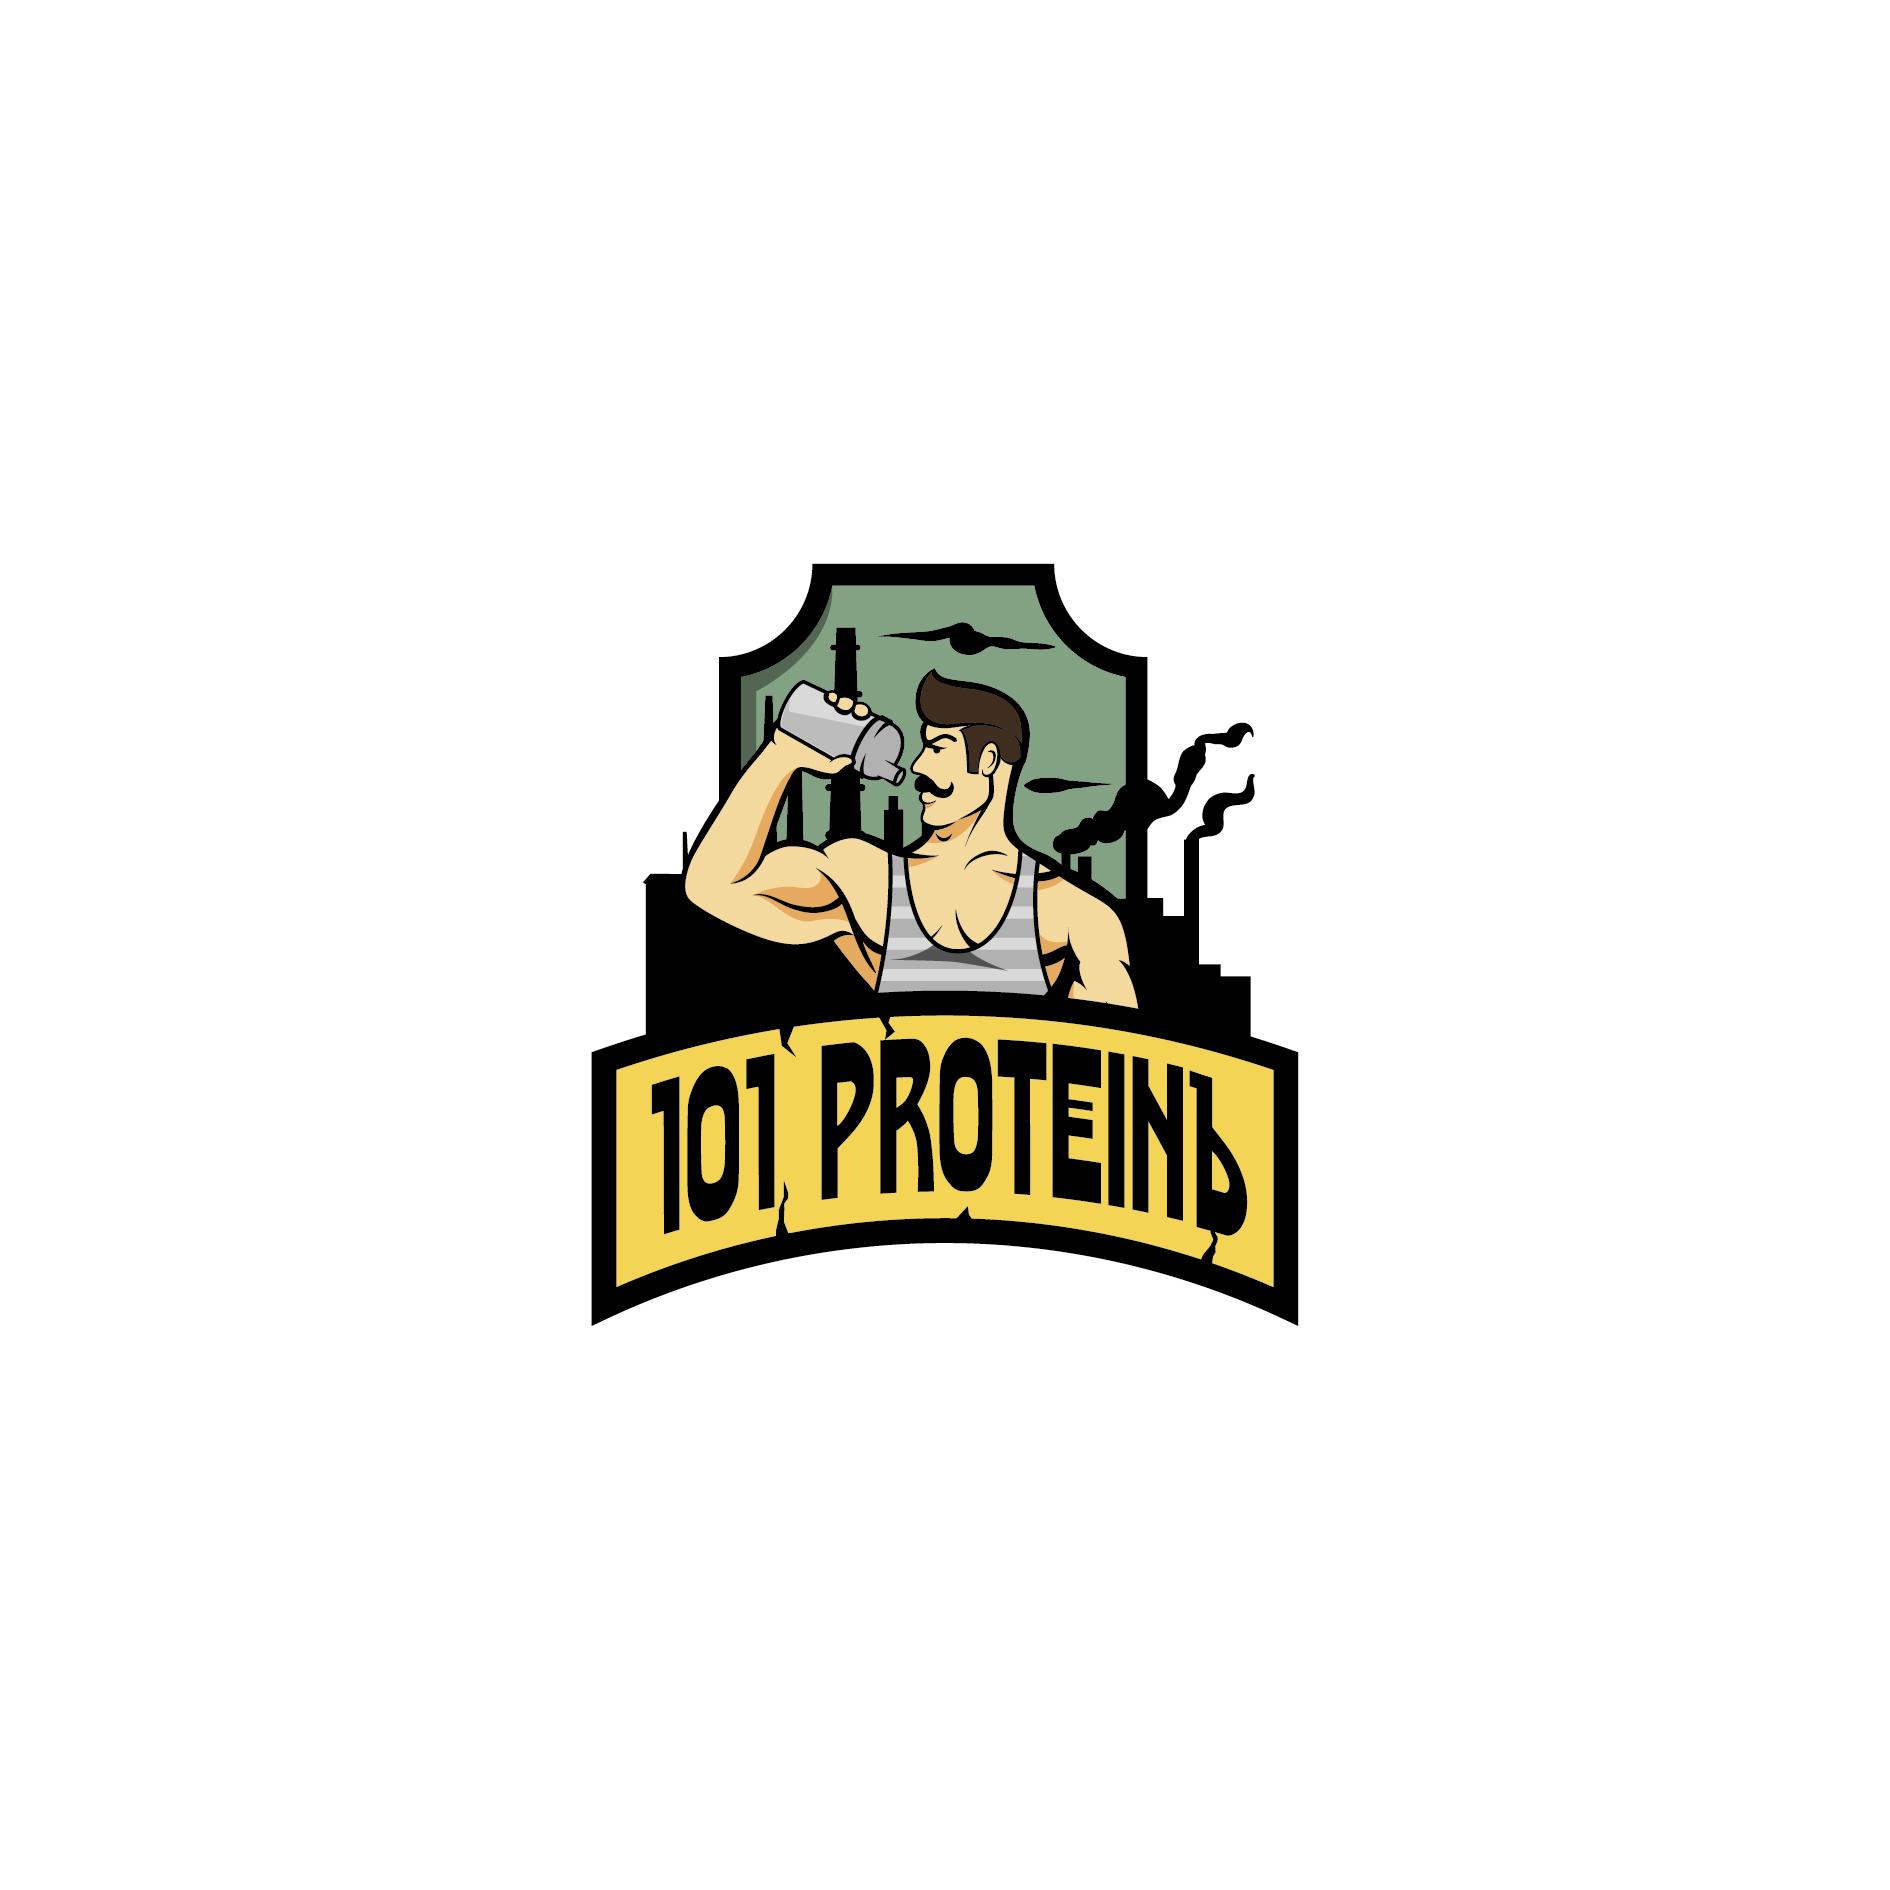 101 Протеин